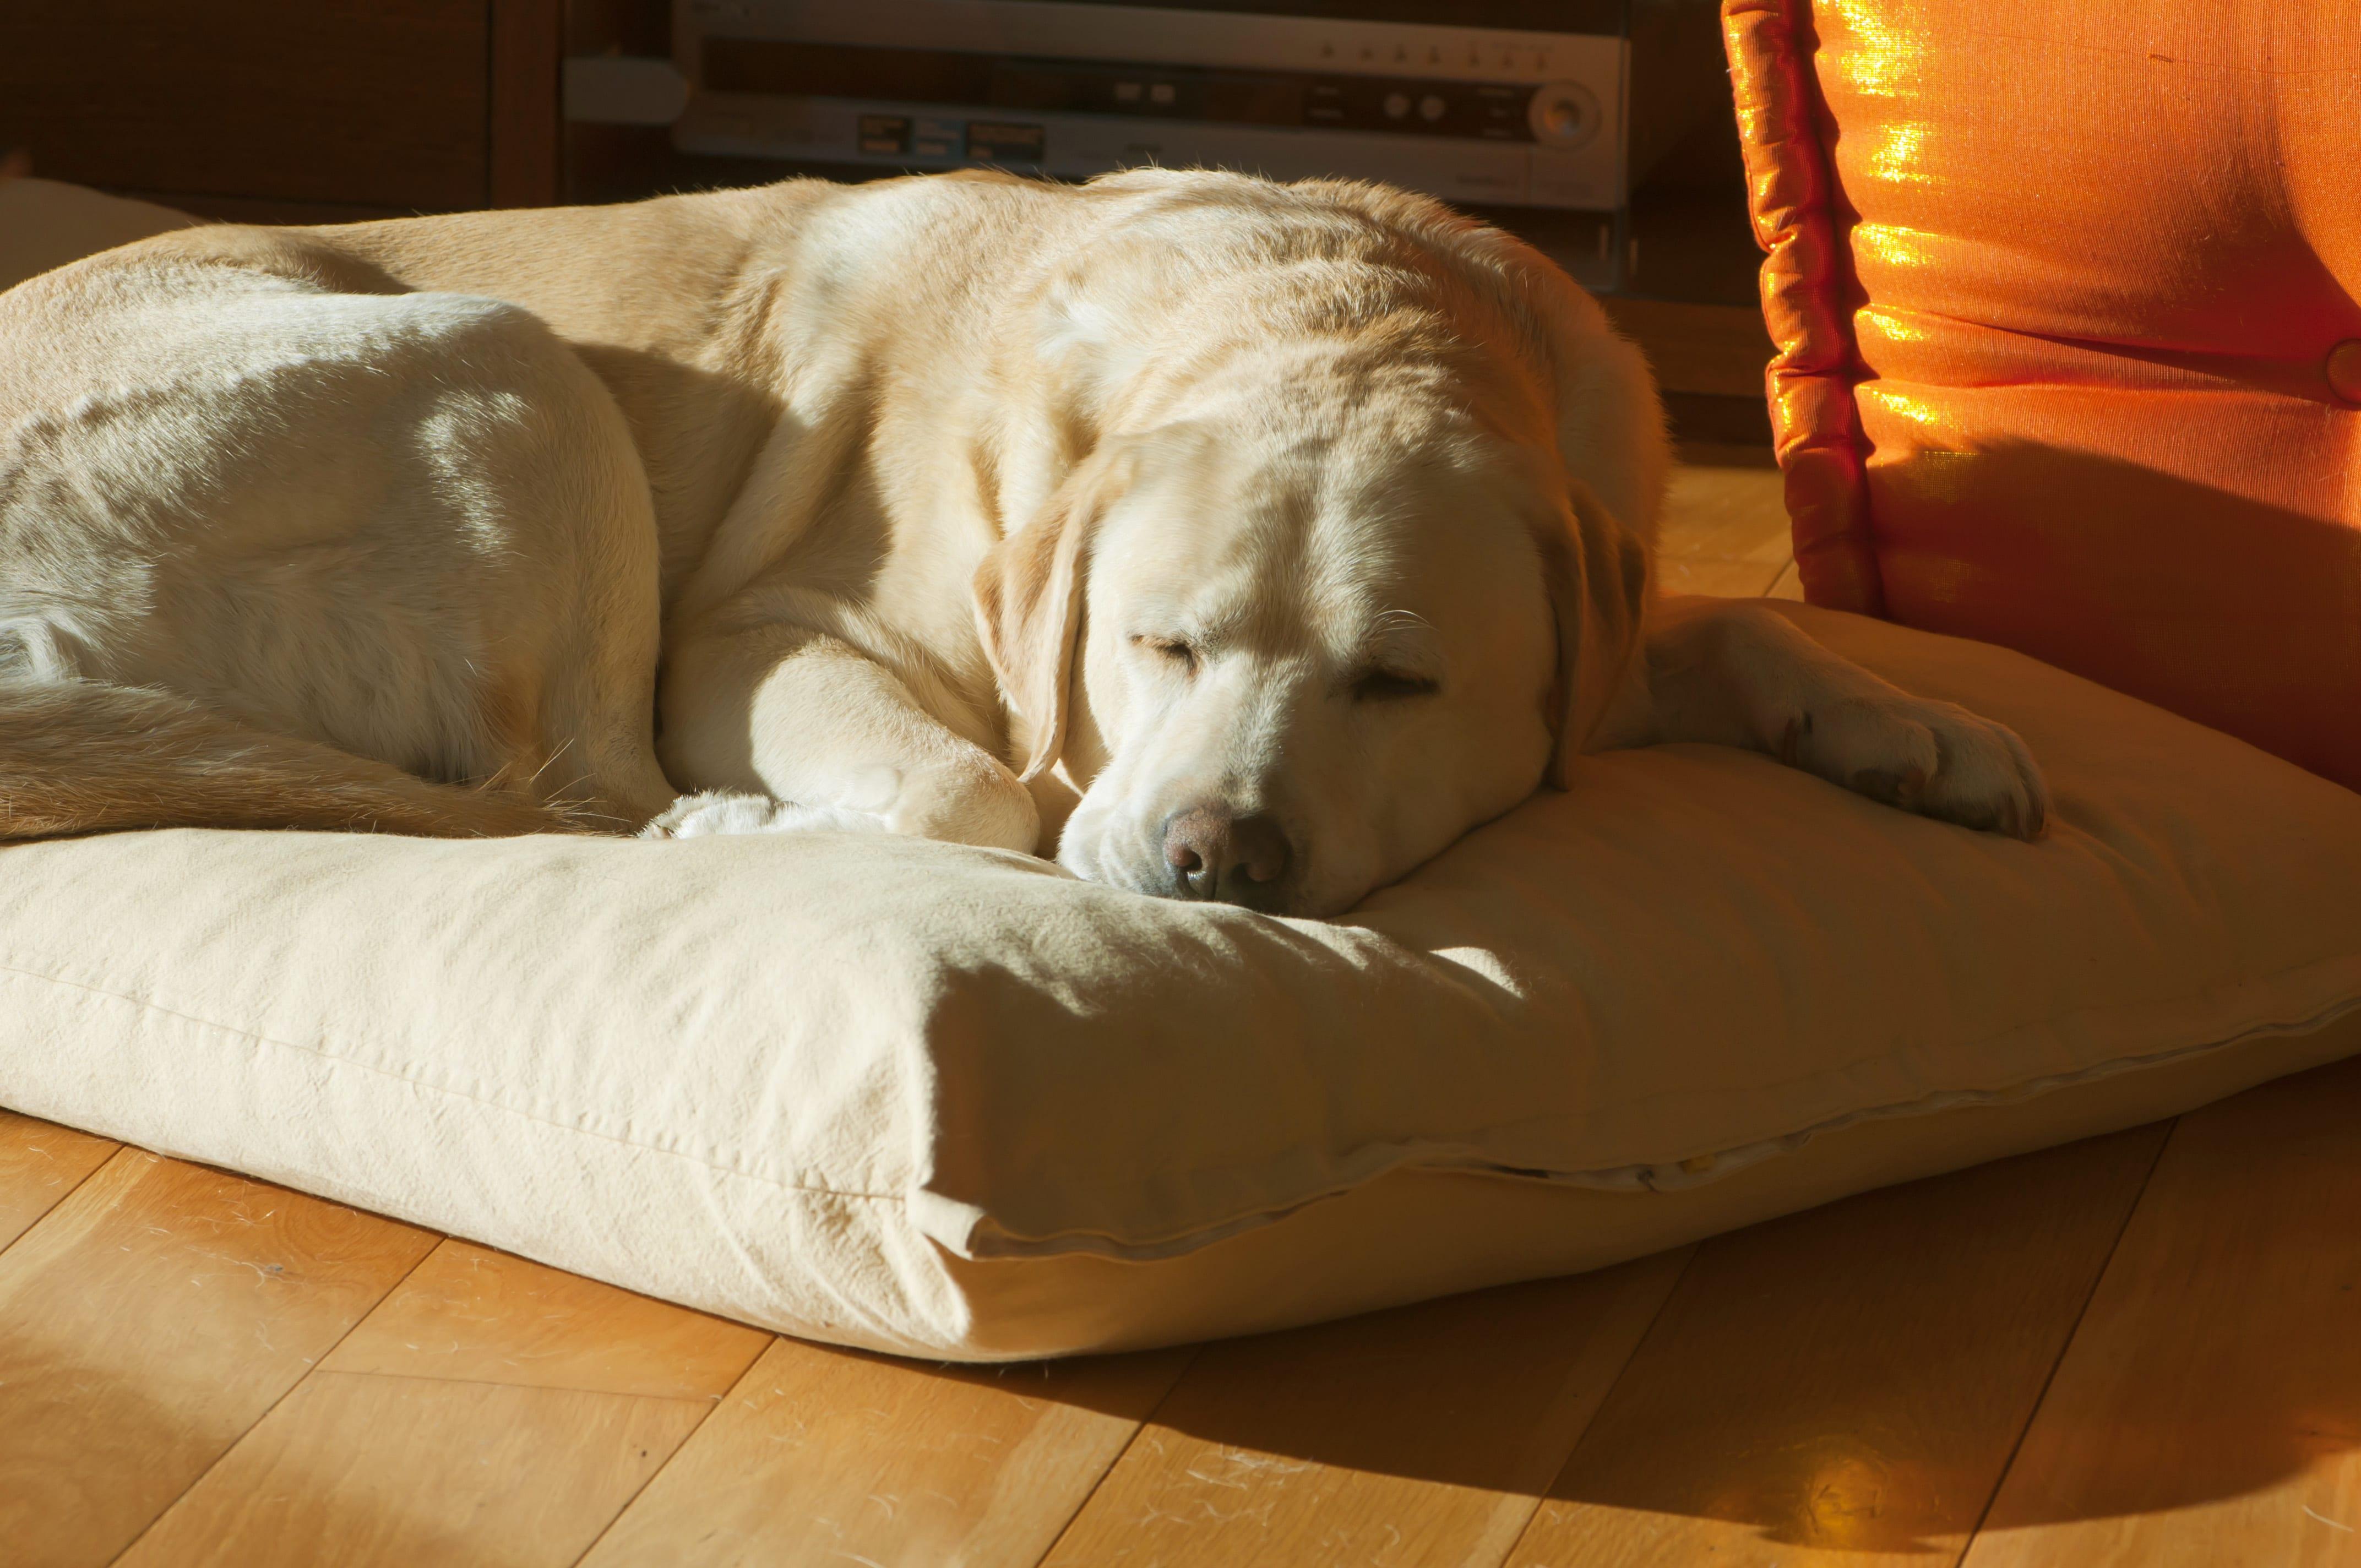 Heeft Je Hond Moeite Met Opstaan De Groene Os